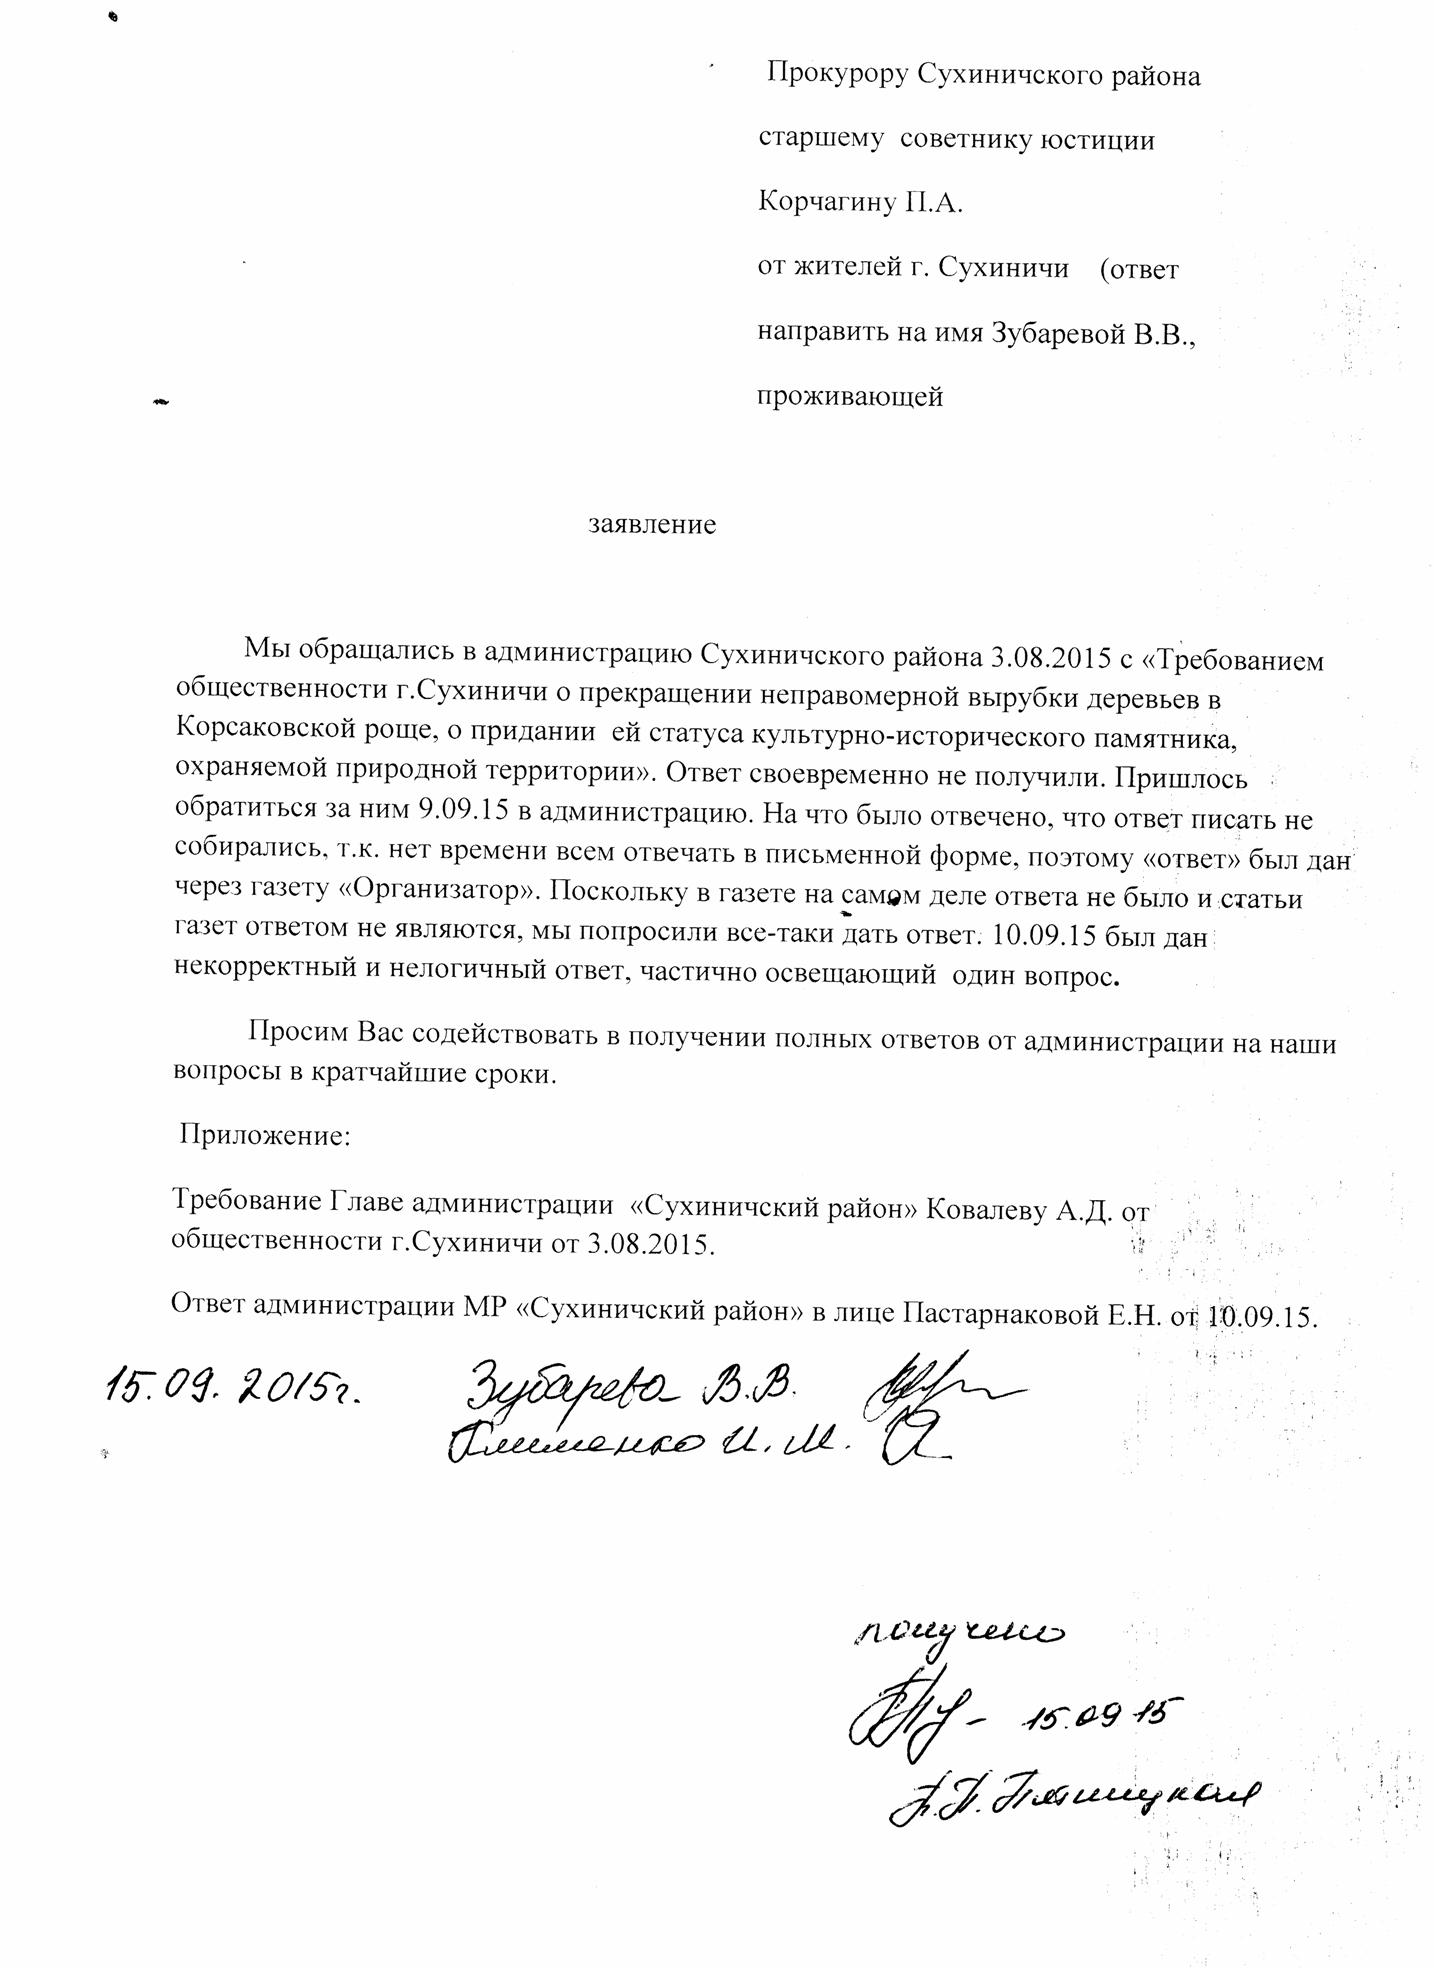 Заявление в прокуратуру 15.09.15